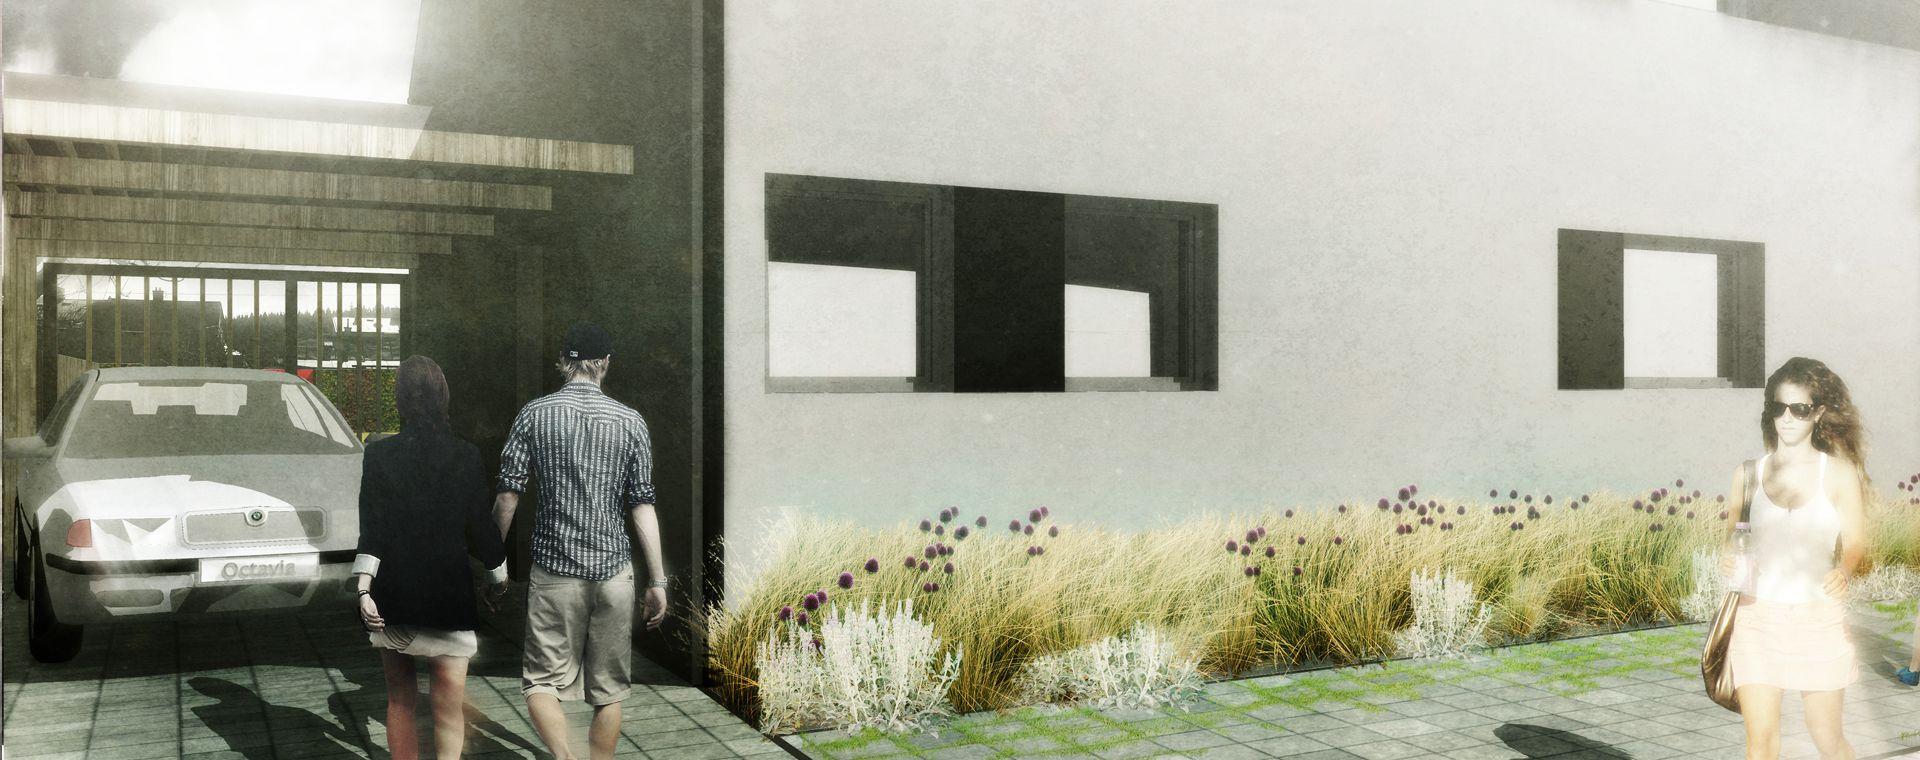 Návrh zahrady rodinného domu ve Žďáře nad Sázavou, 2014, CZ